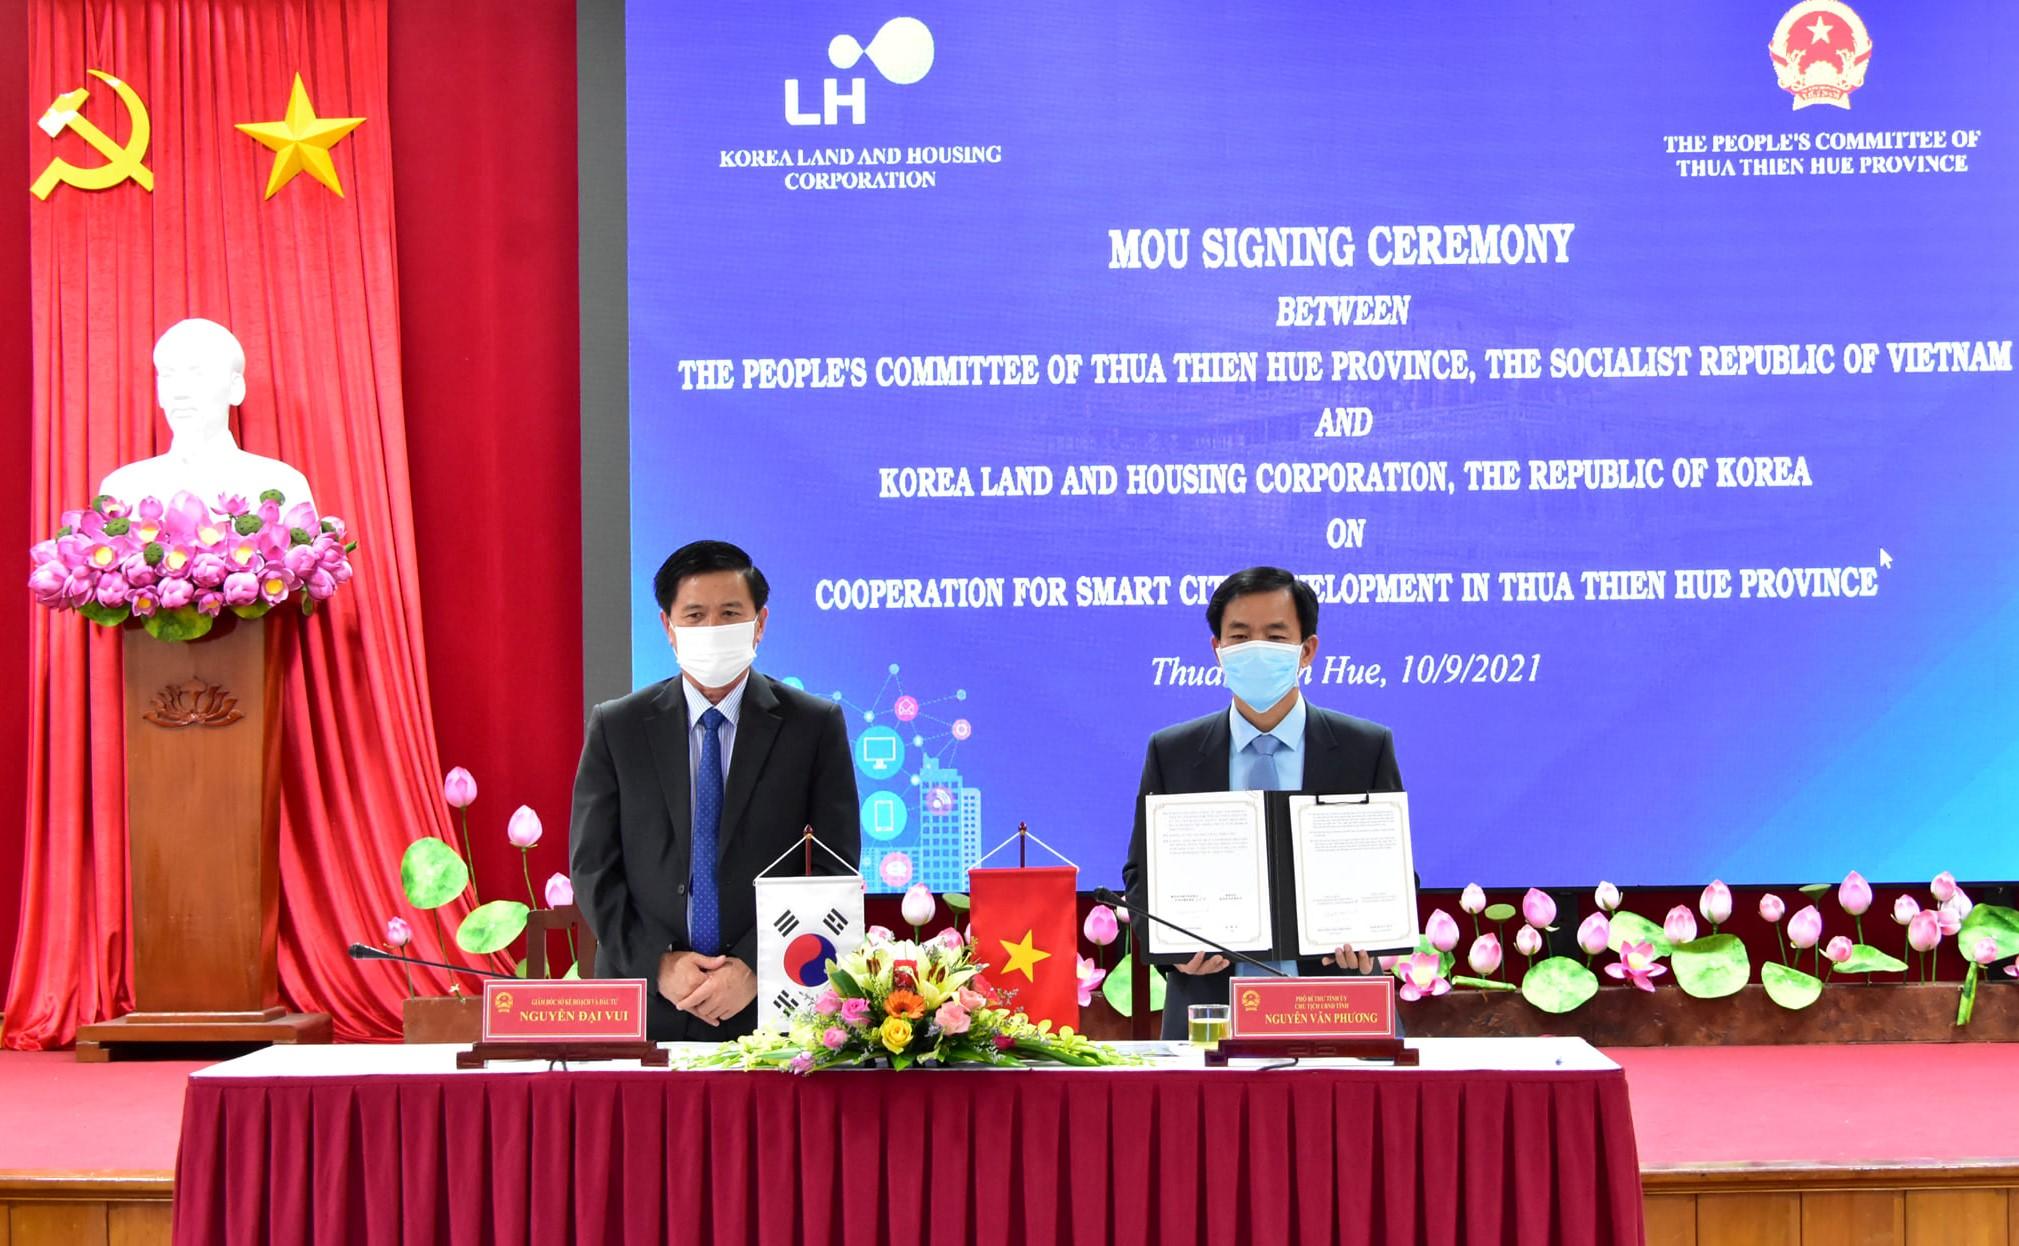 Biên bản được ký kết tại điểm cầu tỉnh Thừa Thiên Huế.